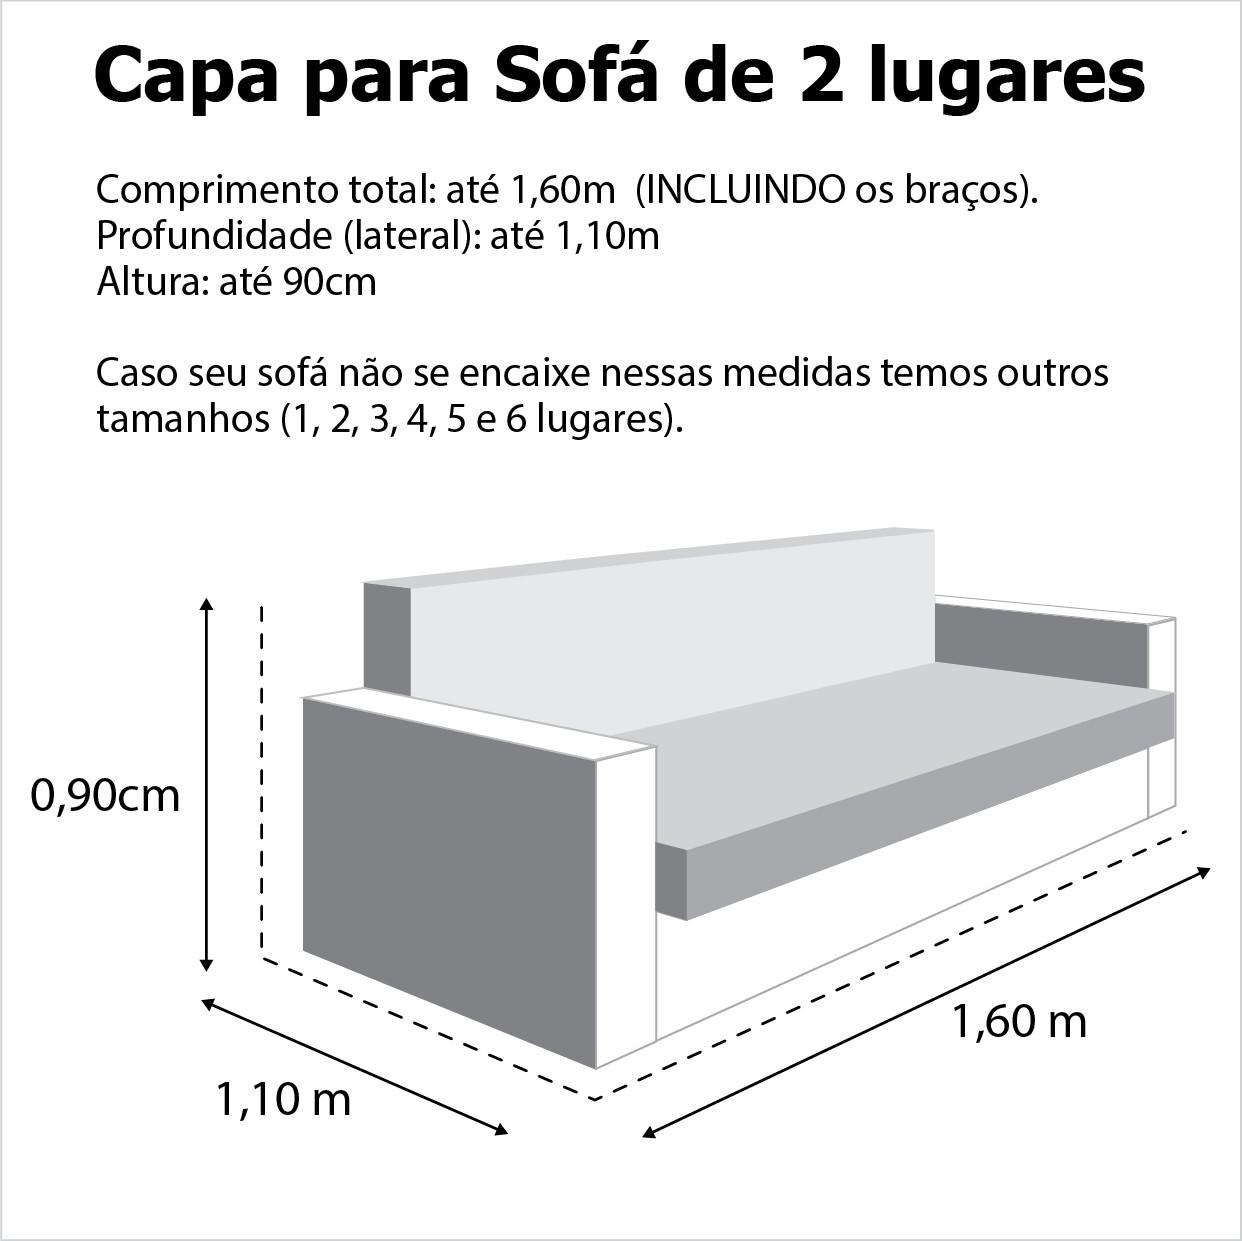 Capa p/ Sofá de 2 Lug MARROM em Brim